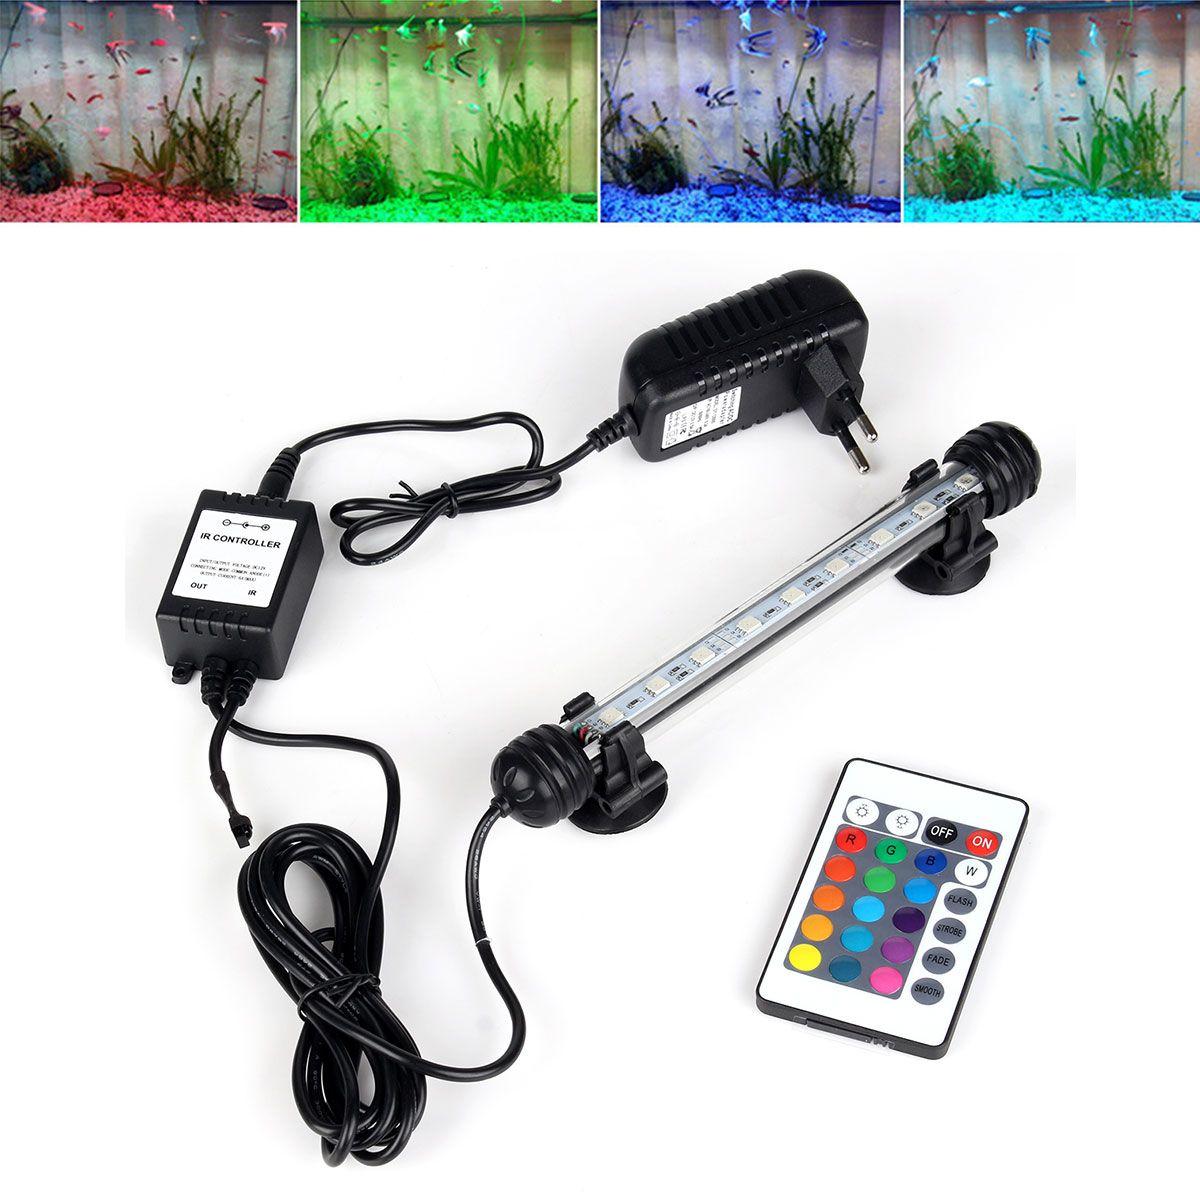 UE Plug Acuario Luz LED Remoto RGB Impermeable 5050 SMD LED Barra de Luz de La Lámpara Sumergible